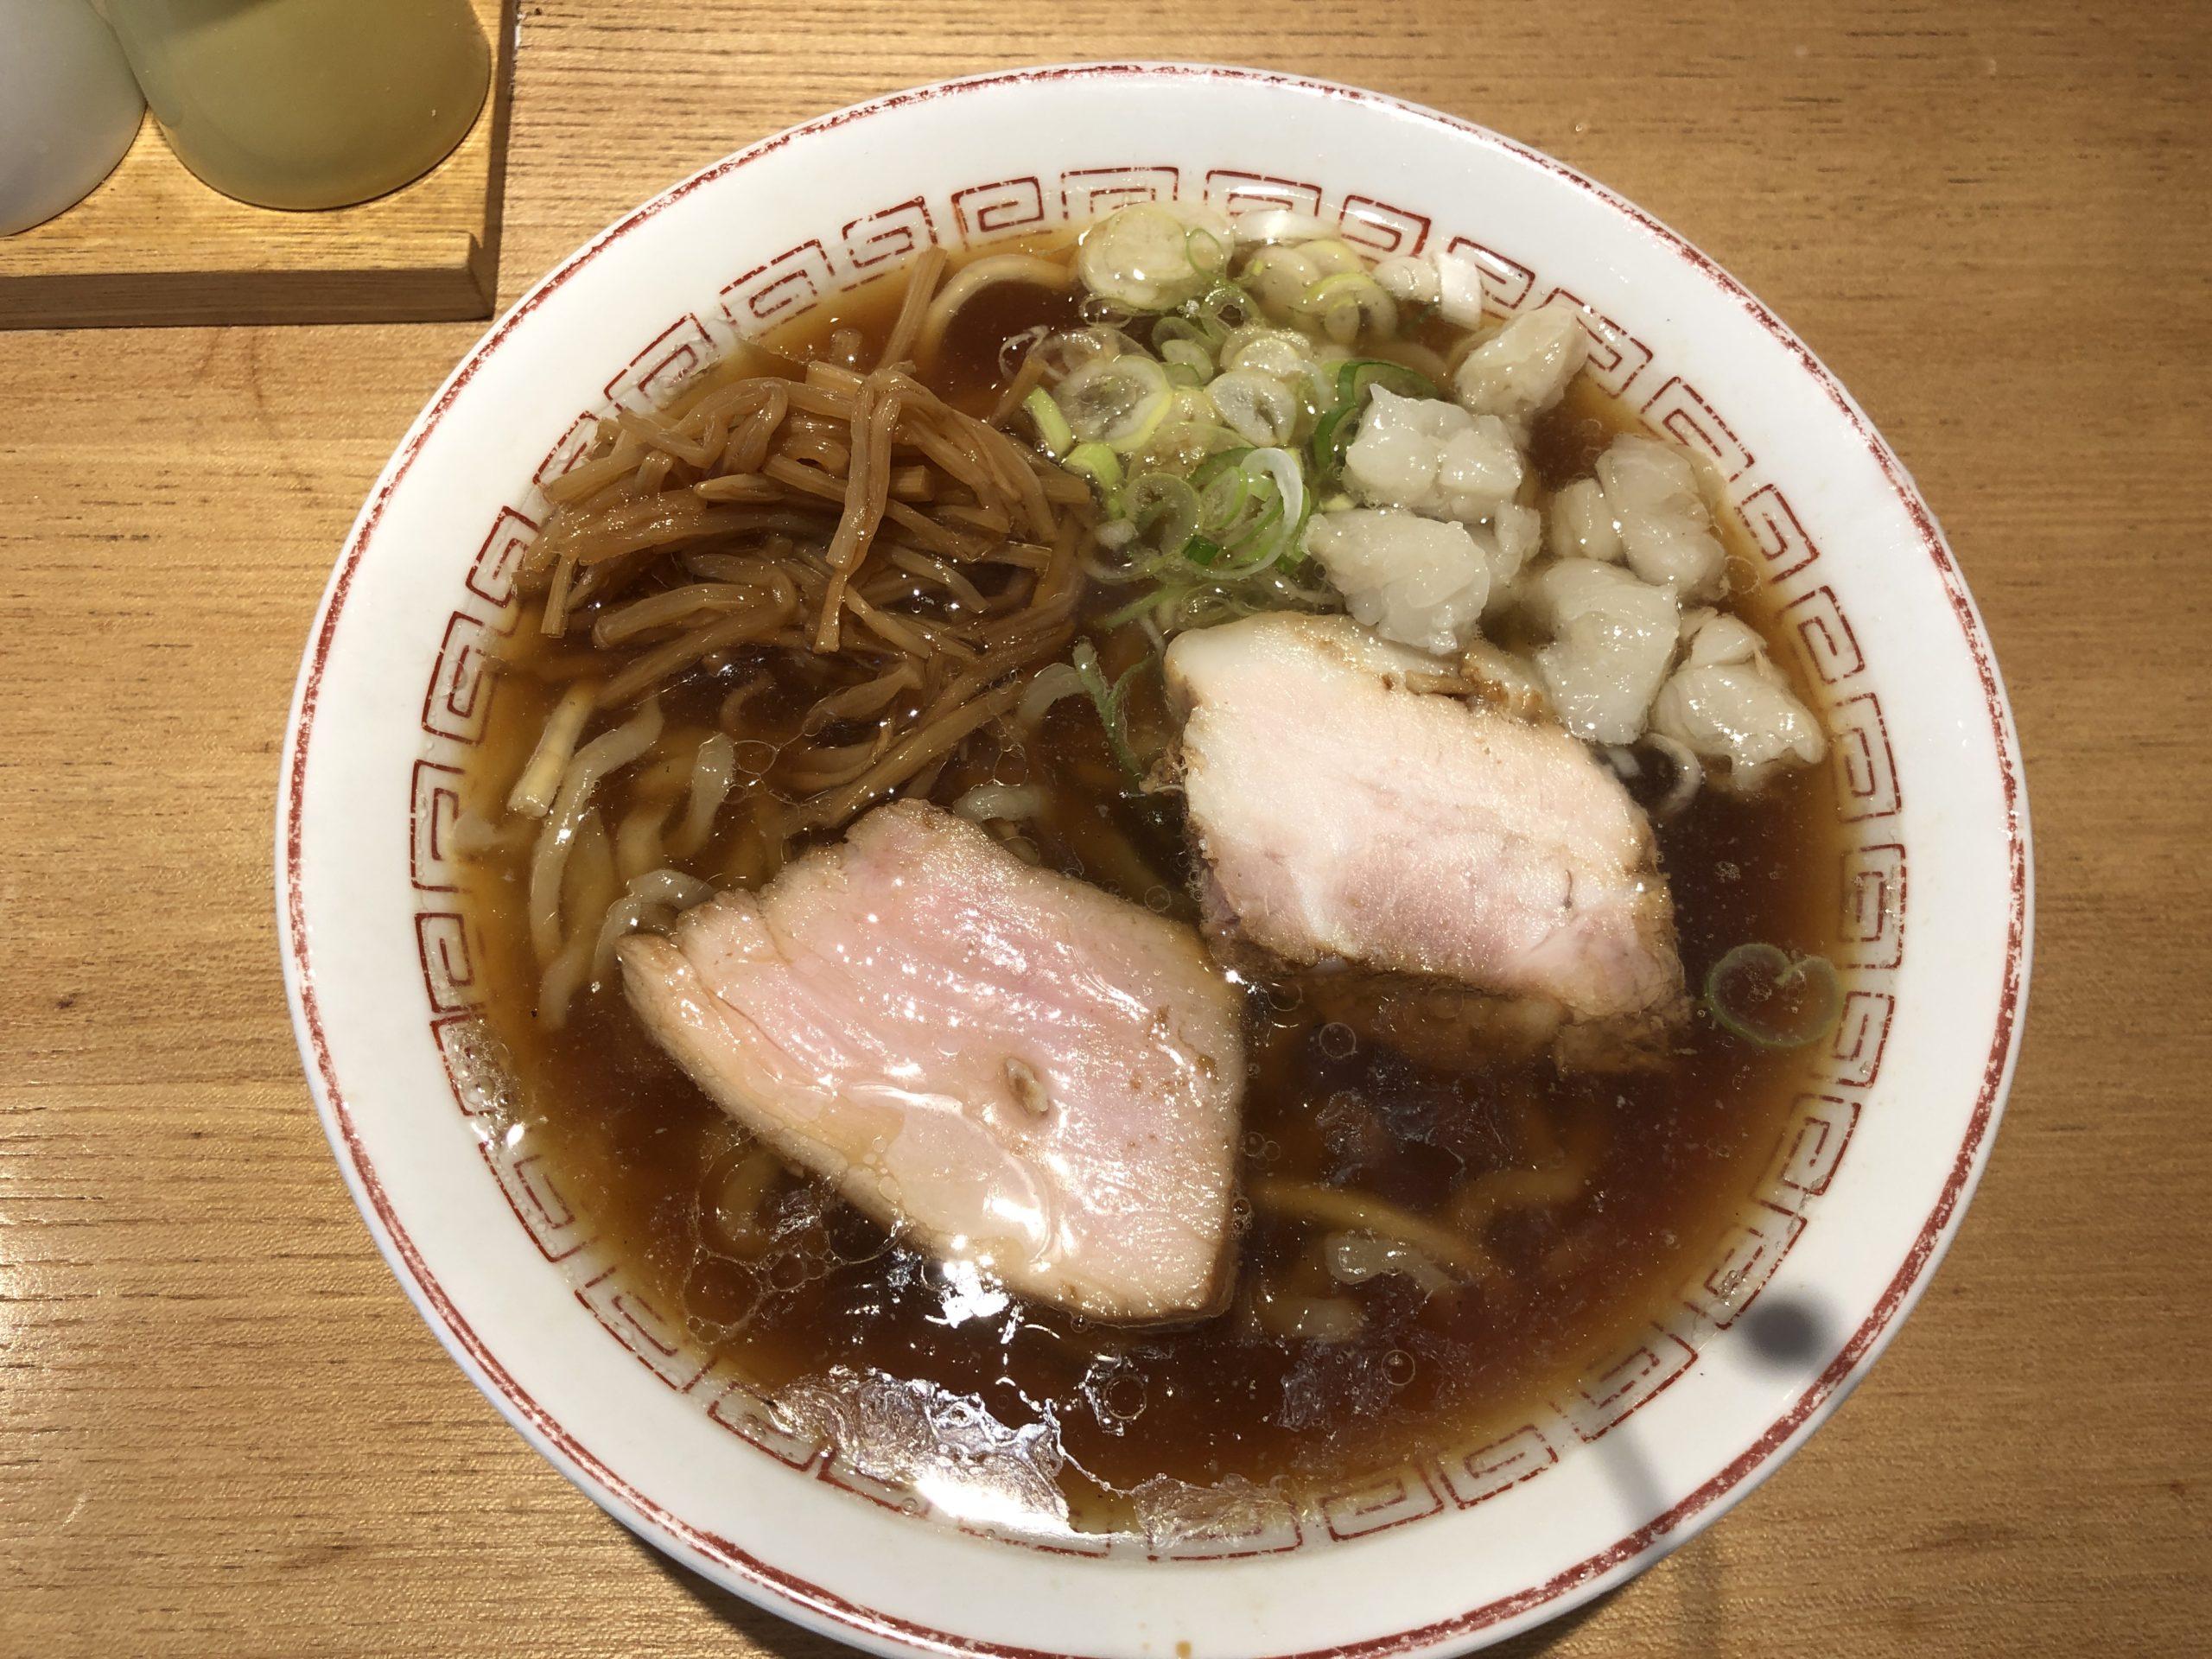 超多加水自家製手揉み麺 きたかた食堂 中華そば②「スープ」